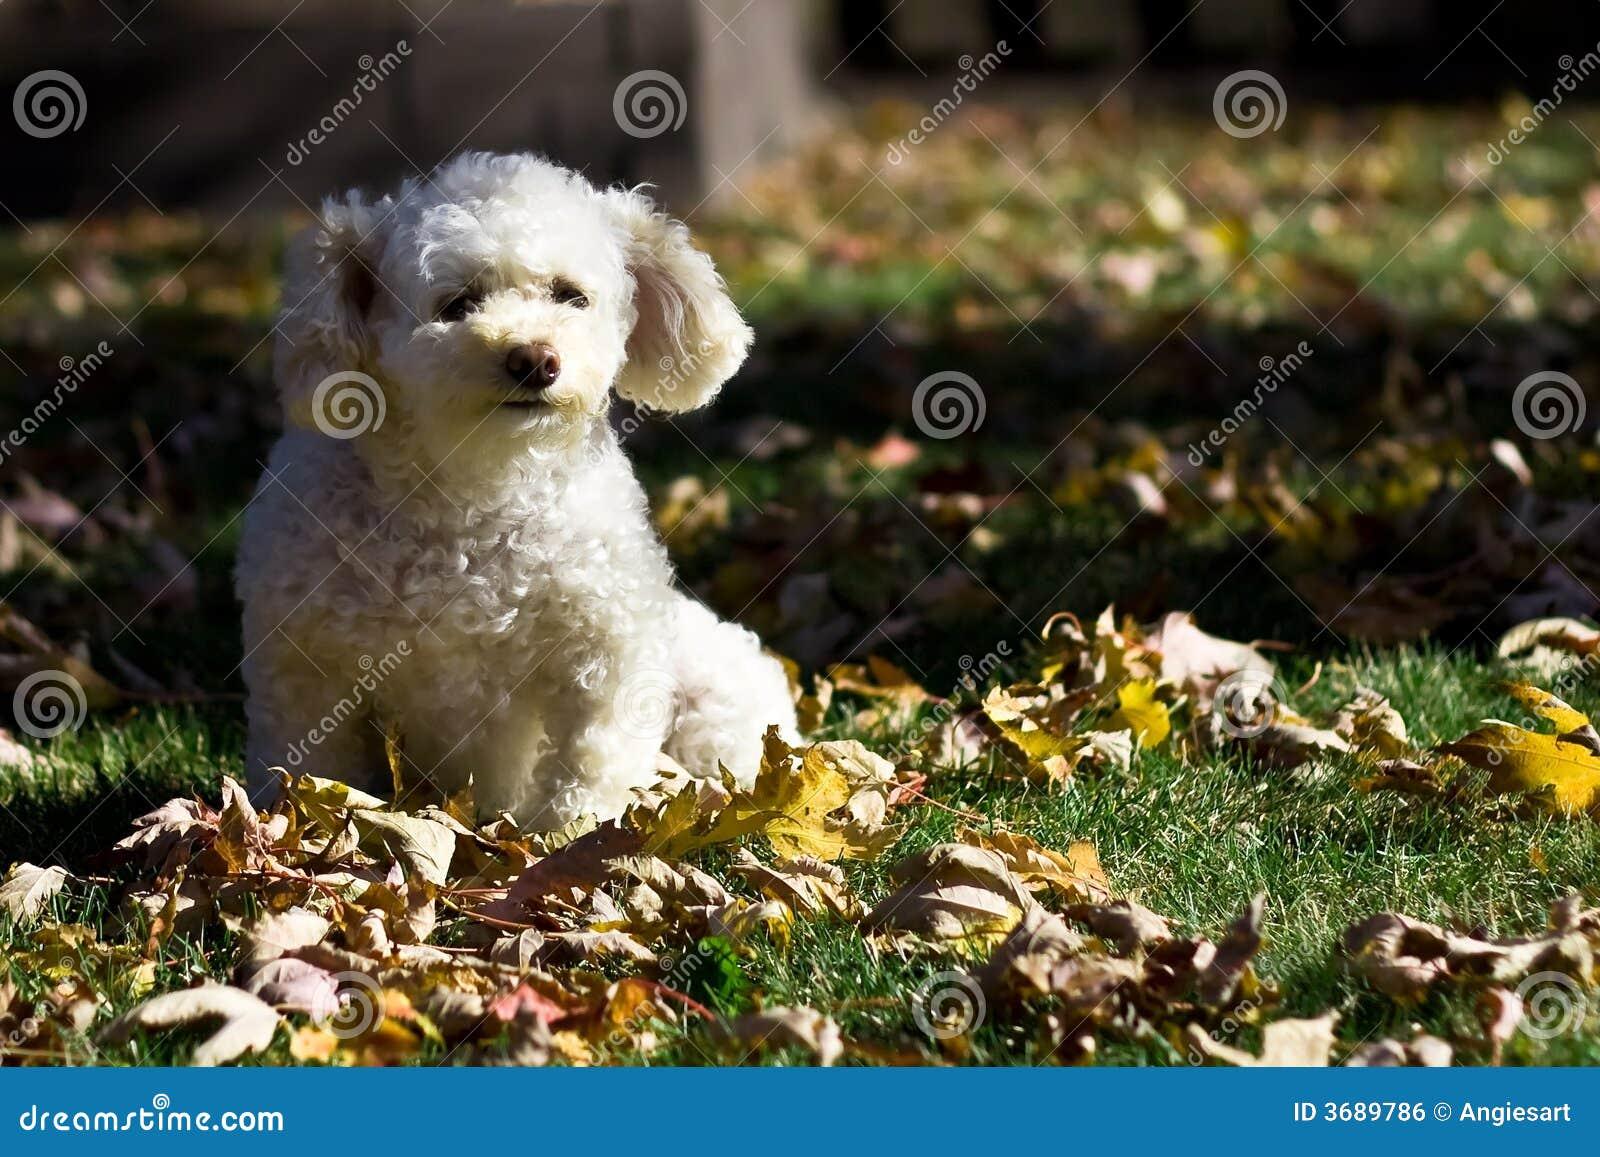 Piccolo barboncino in autunno 4 fotografia stock - Barboncino piccolo ...